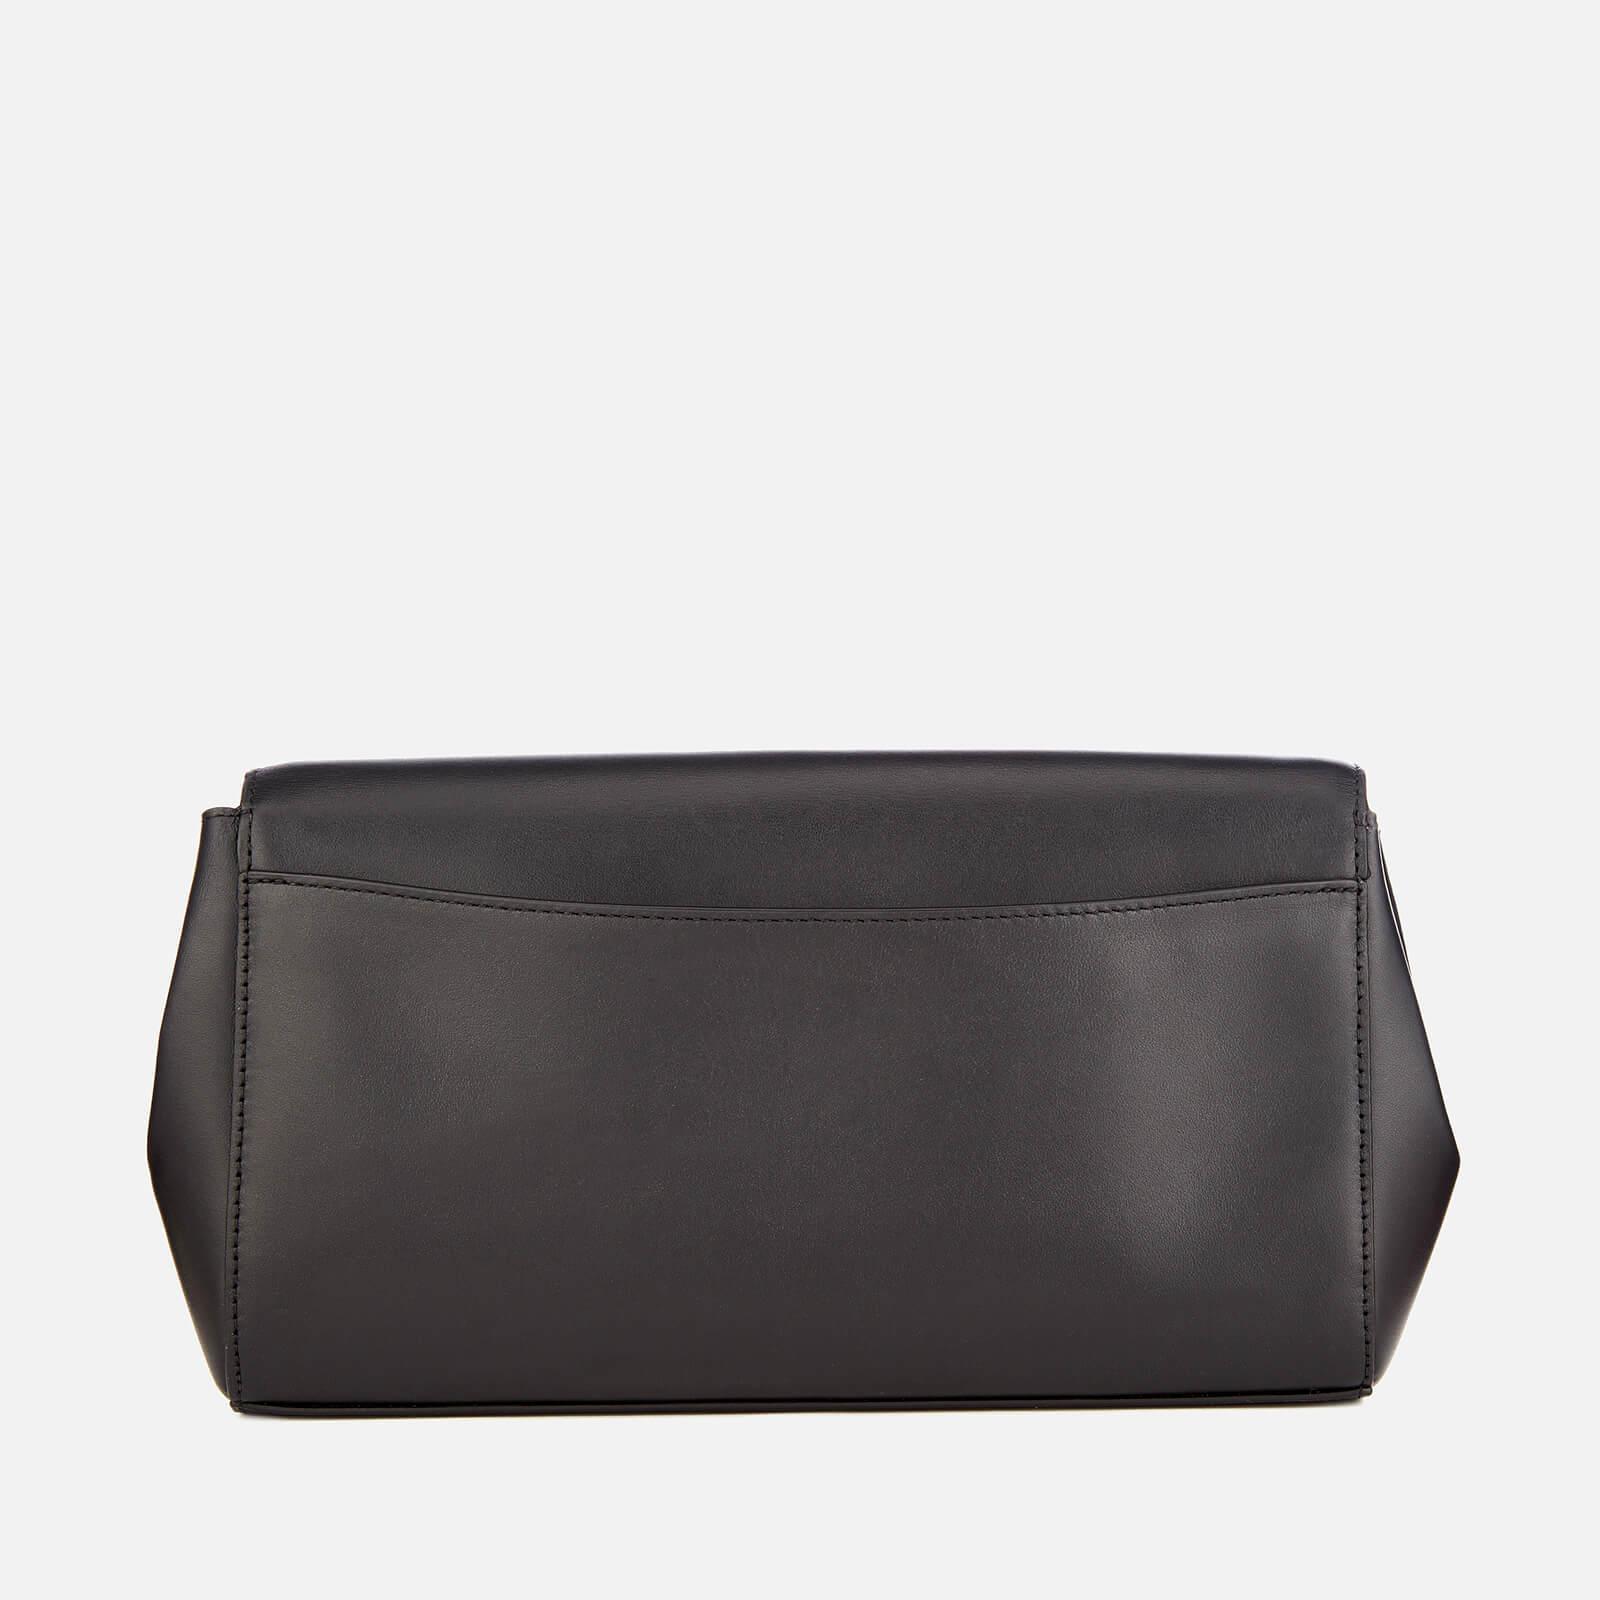 f95f9ffff1ad COACH - Black Alexa Smooth Leather Evening Clutch Bag - Lyst. View  fullscreen